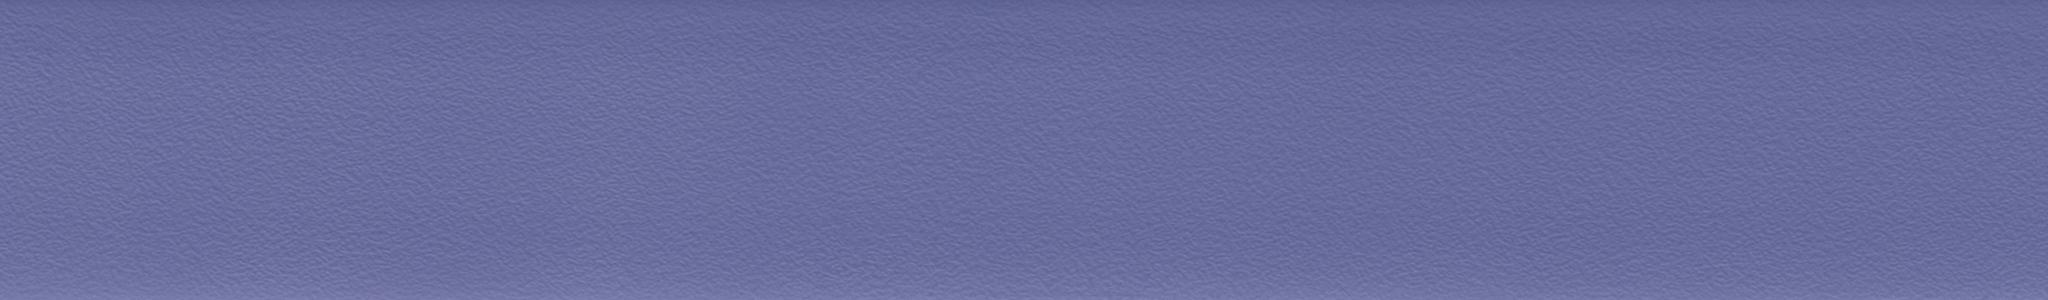 HU 15430 canto ABS violeta perla XG